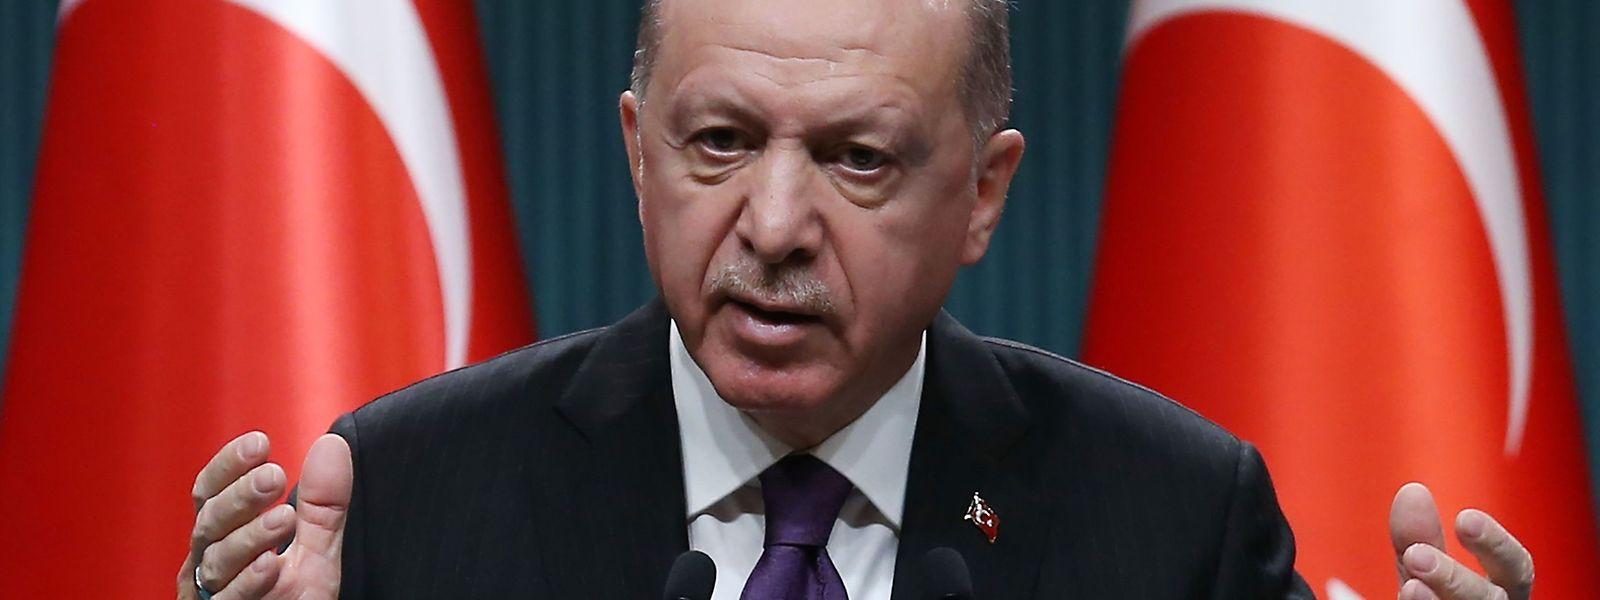 Der türkische Präsident Recep Tayyip Erdogan will seine Macht ausbauen und festigen.